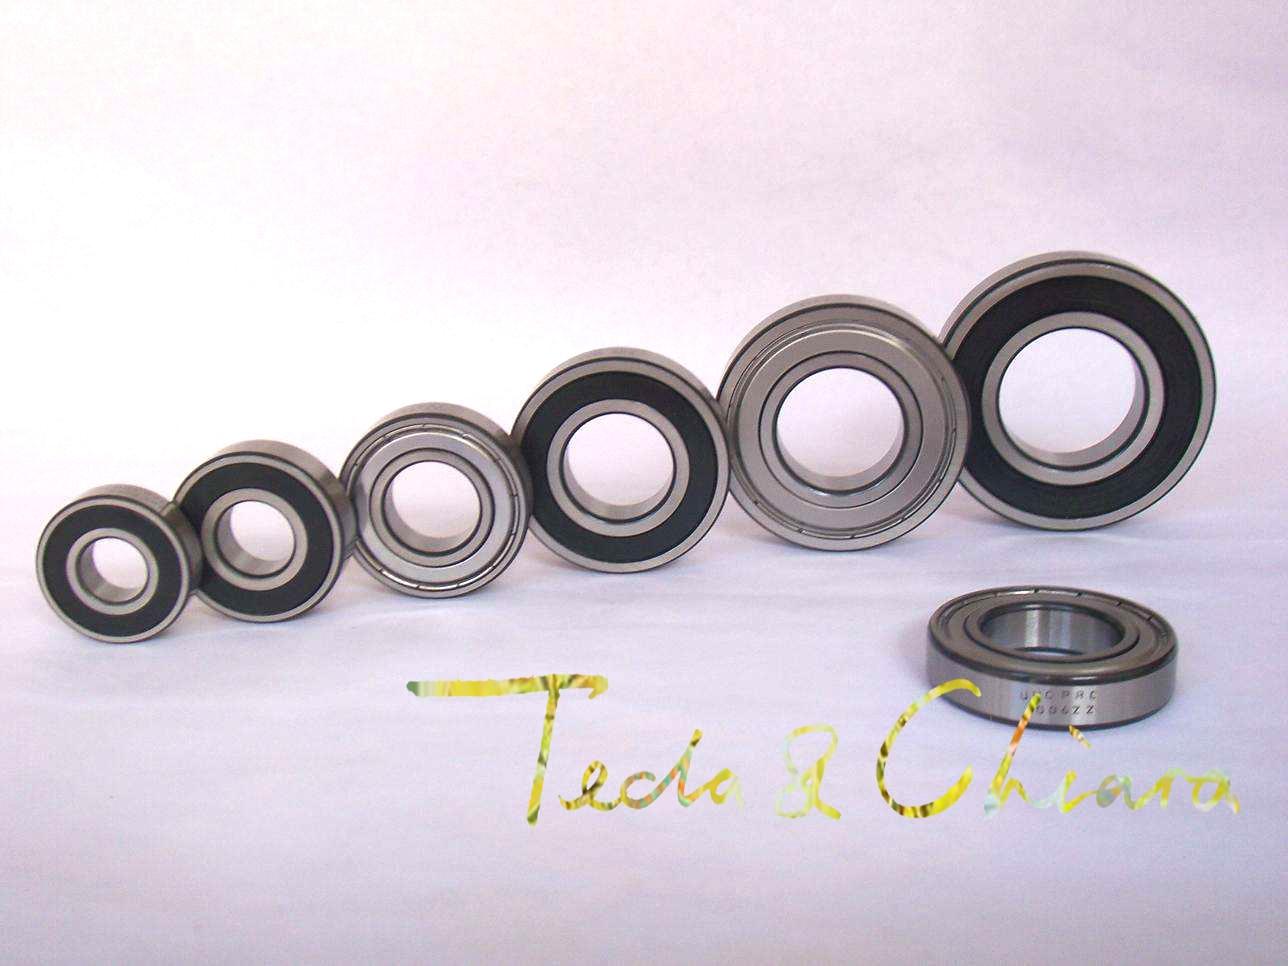 627 627ZZ 627RS 627-2Z 627Z 627-2RS ZZ RS RZ 2RZ Deep Groove Ball Bearings 7 x 22 x 7mm High Quality shlnzb bearing 6228 6228zz 6228rs 6228 2z 6228z 6228 2rs zz rs rz 2rz n rzn zn deep groove ball bearings 140 250 42mm